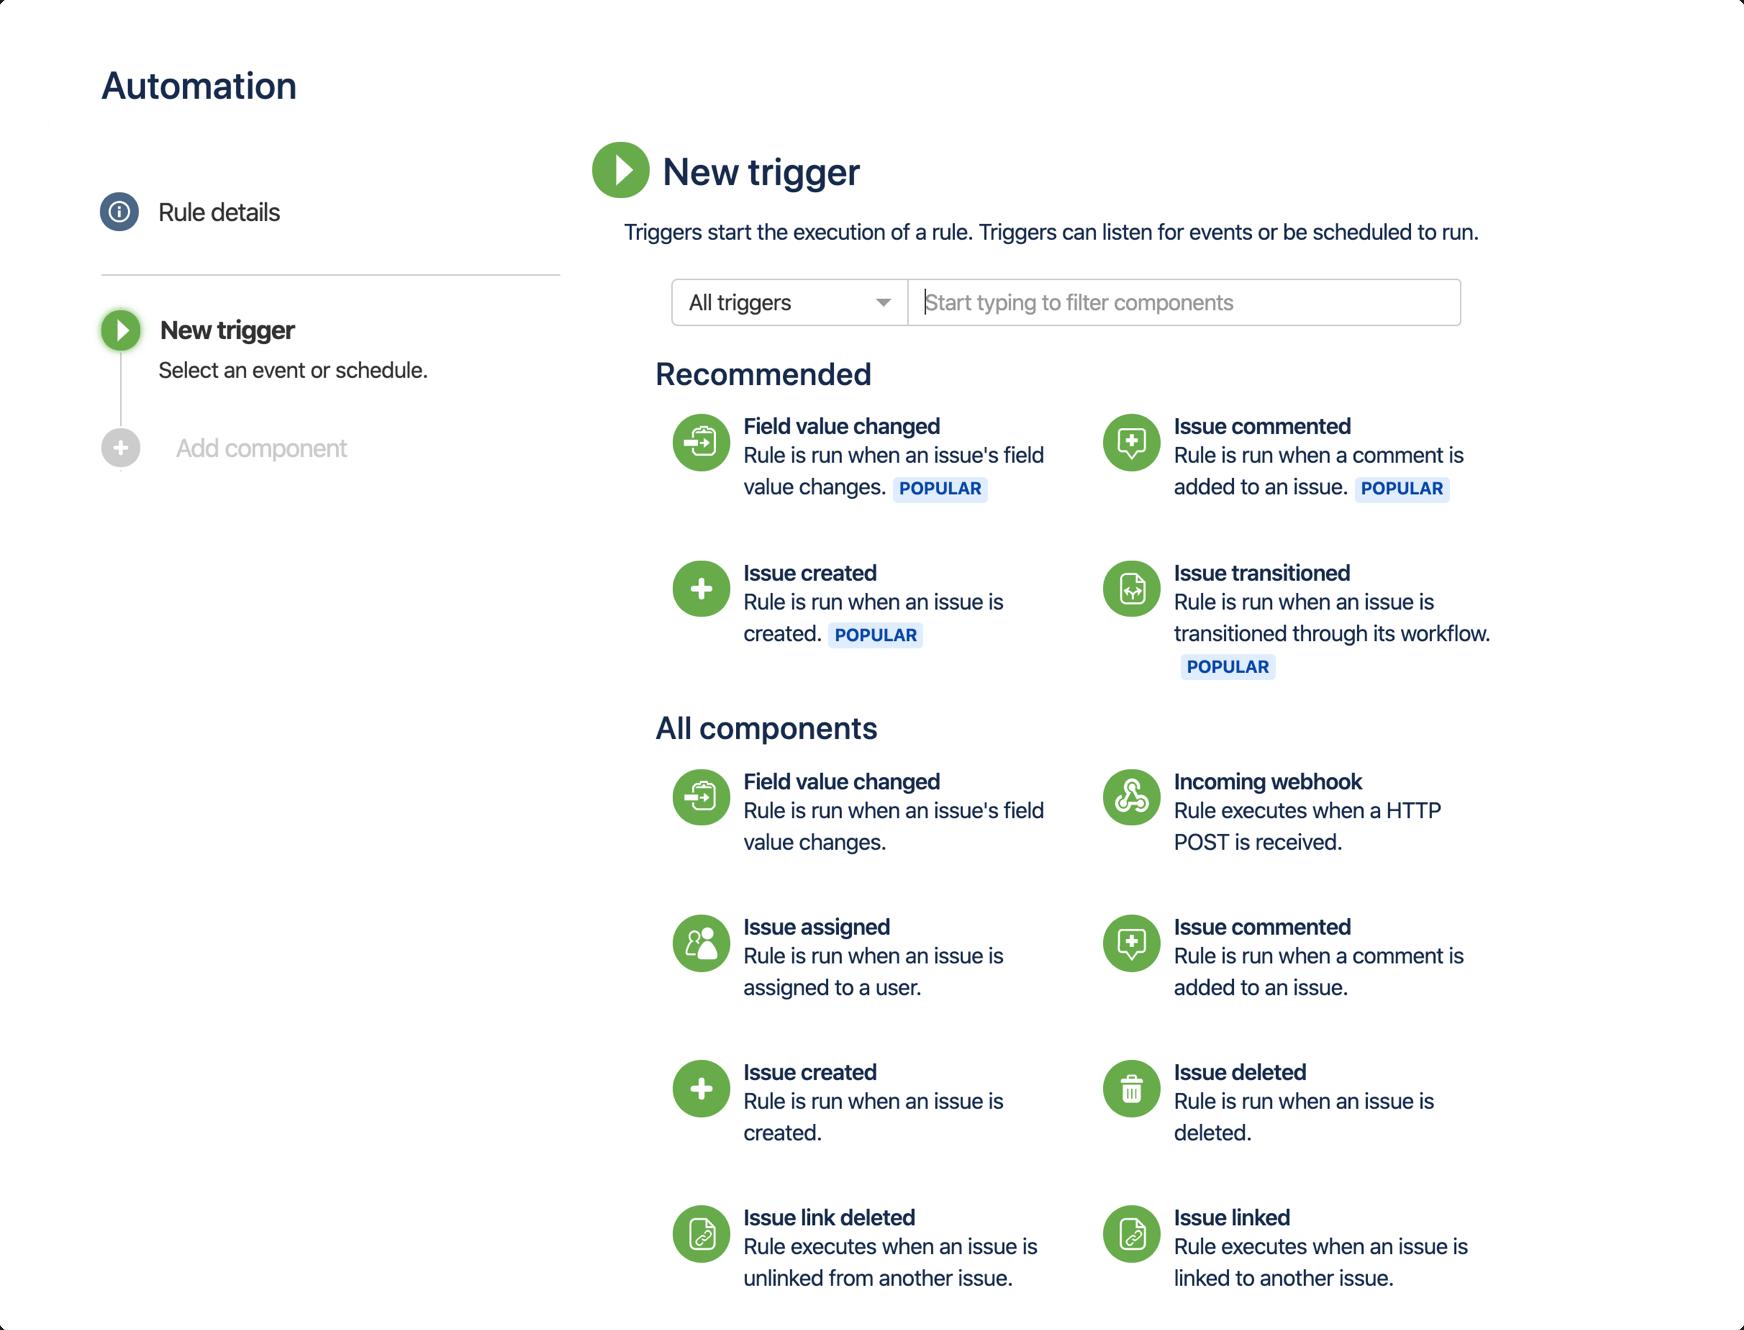 Автоматизация: инициация новых событий